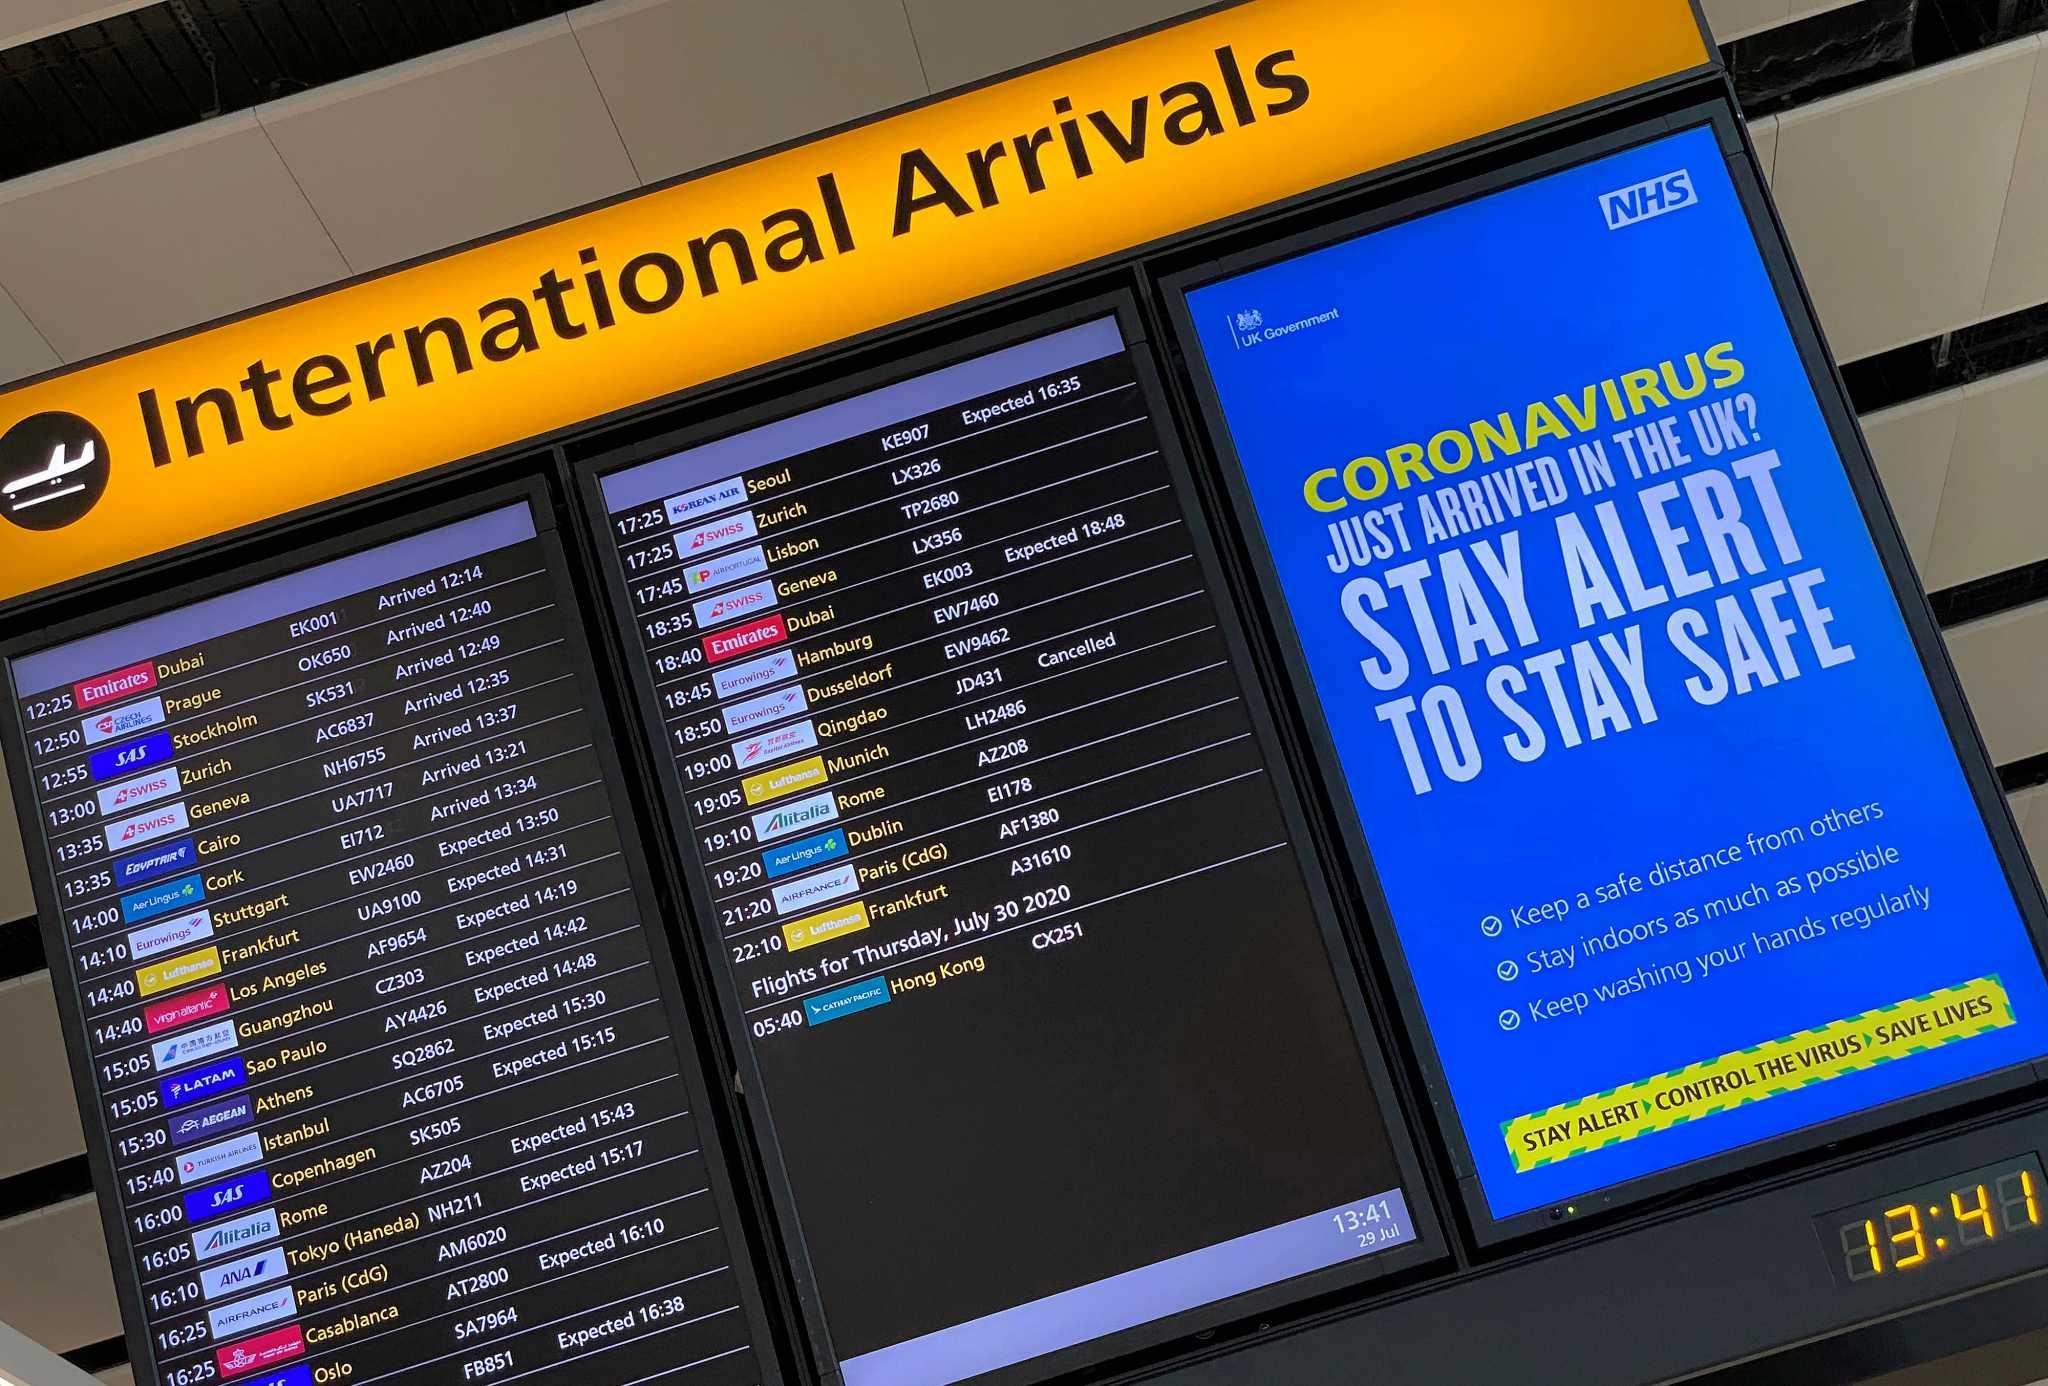 Η Ryanair βλέπει «ελεύθερες» μετακινήσεις σε Βρετανία – Ευρώπη από τον Ιούλιο και… μετά